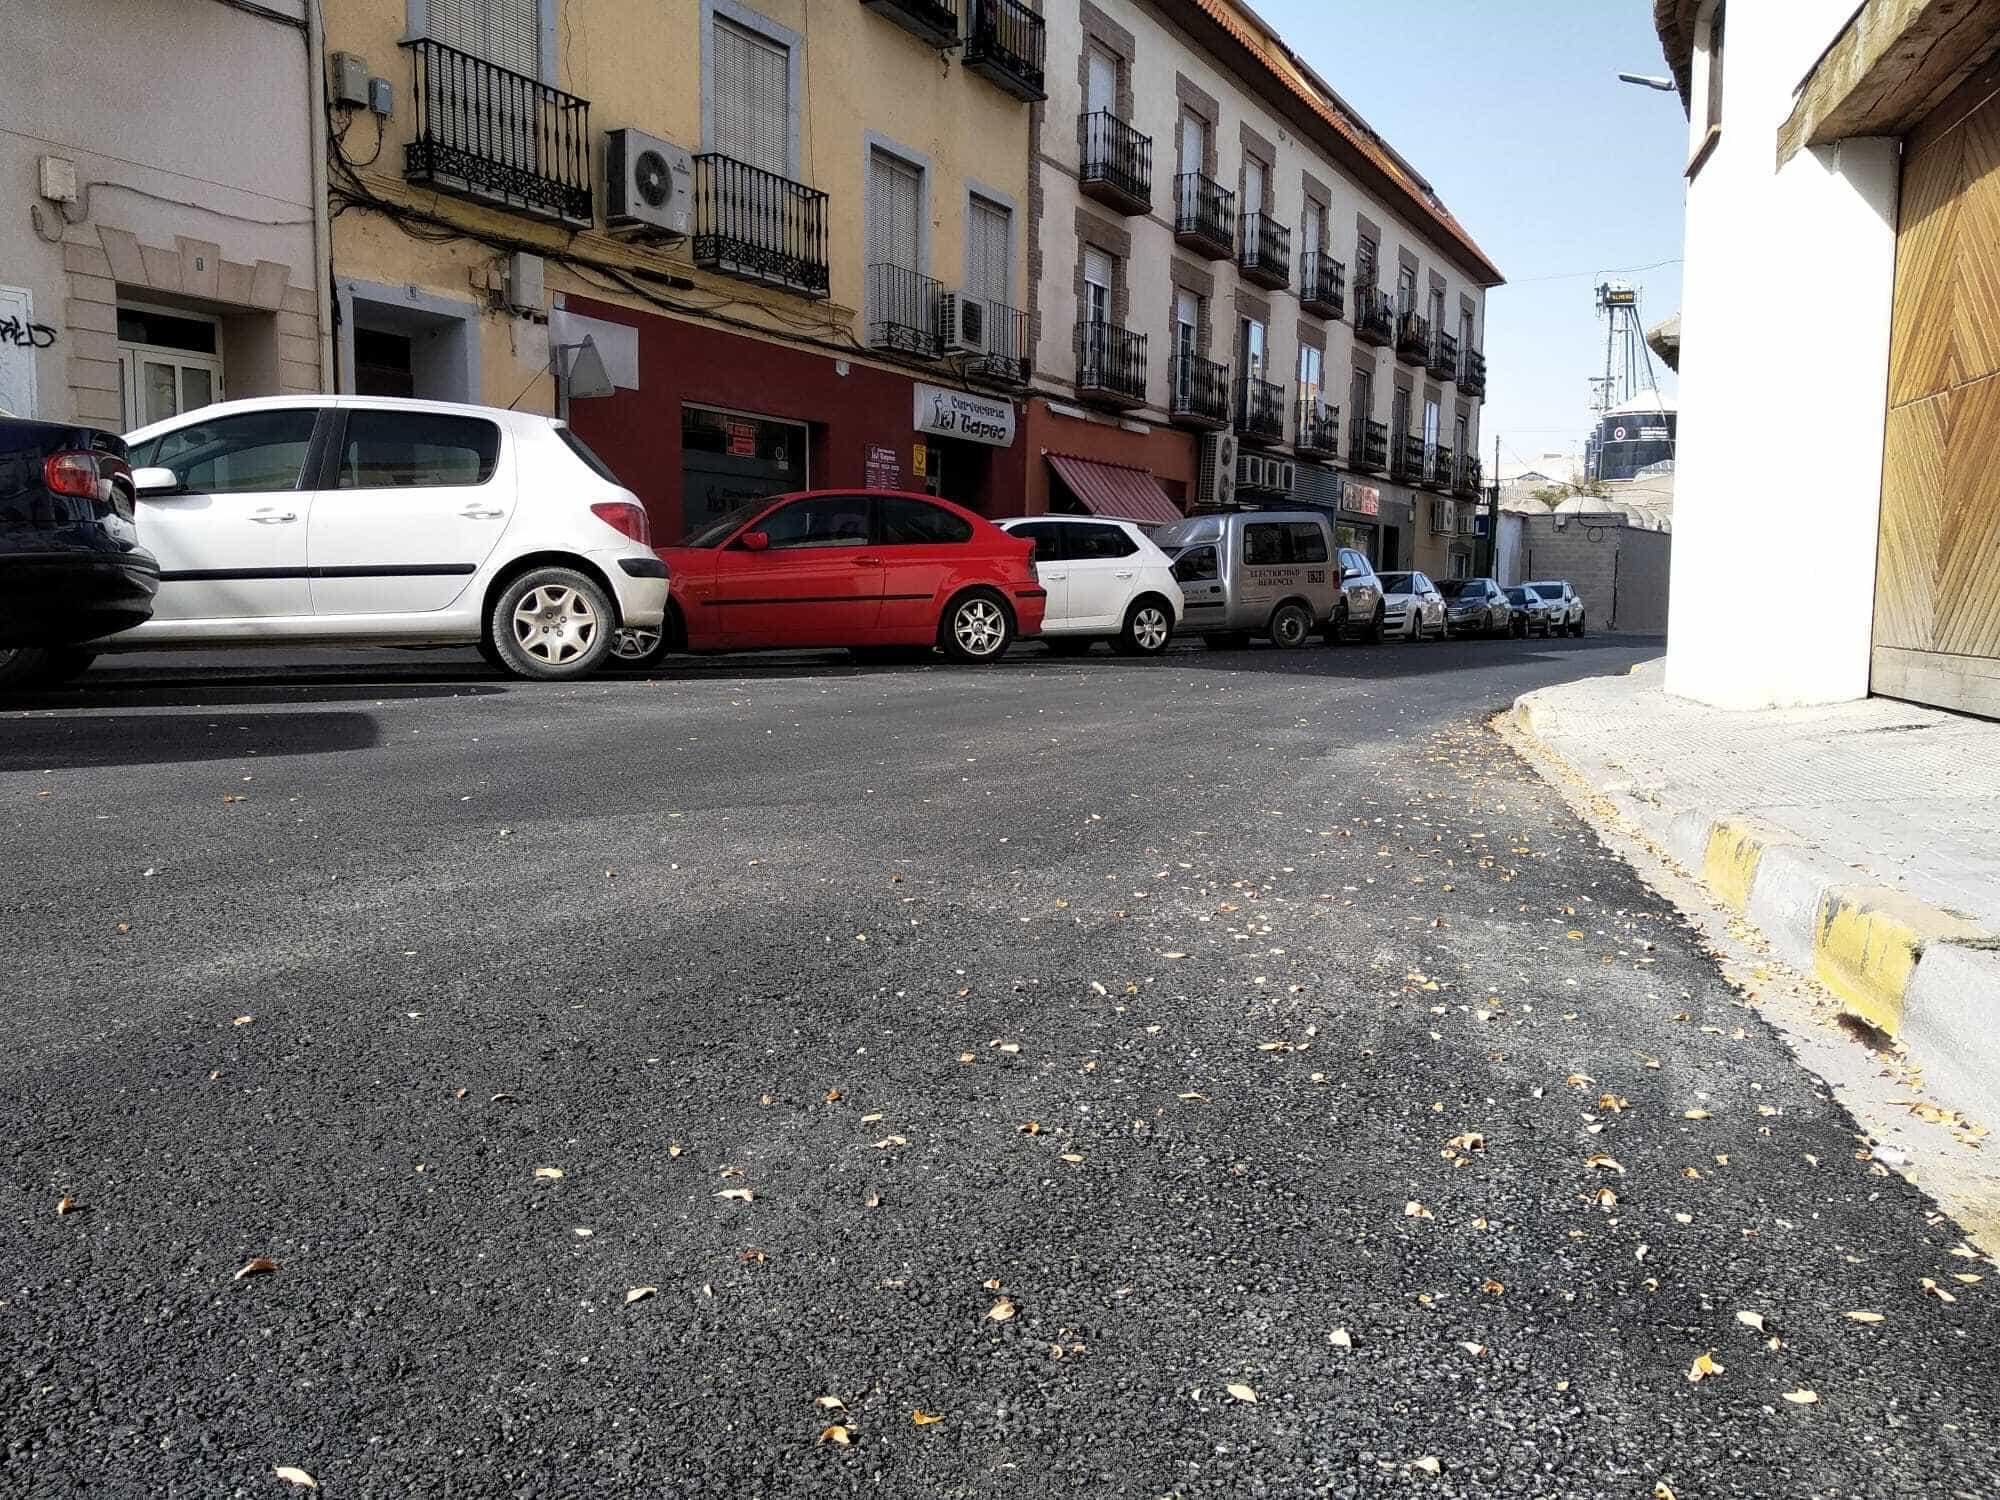 El plan de asfaltado de Herencia completa el acondicionamiento de la Calle Mesones 11